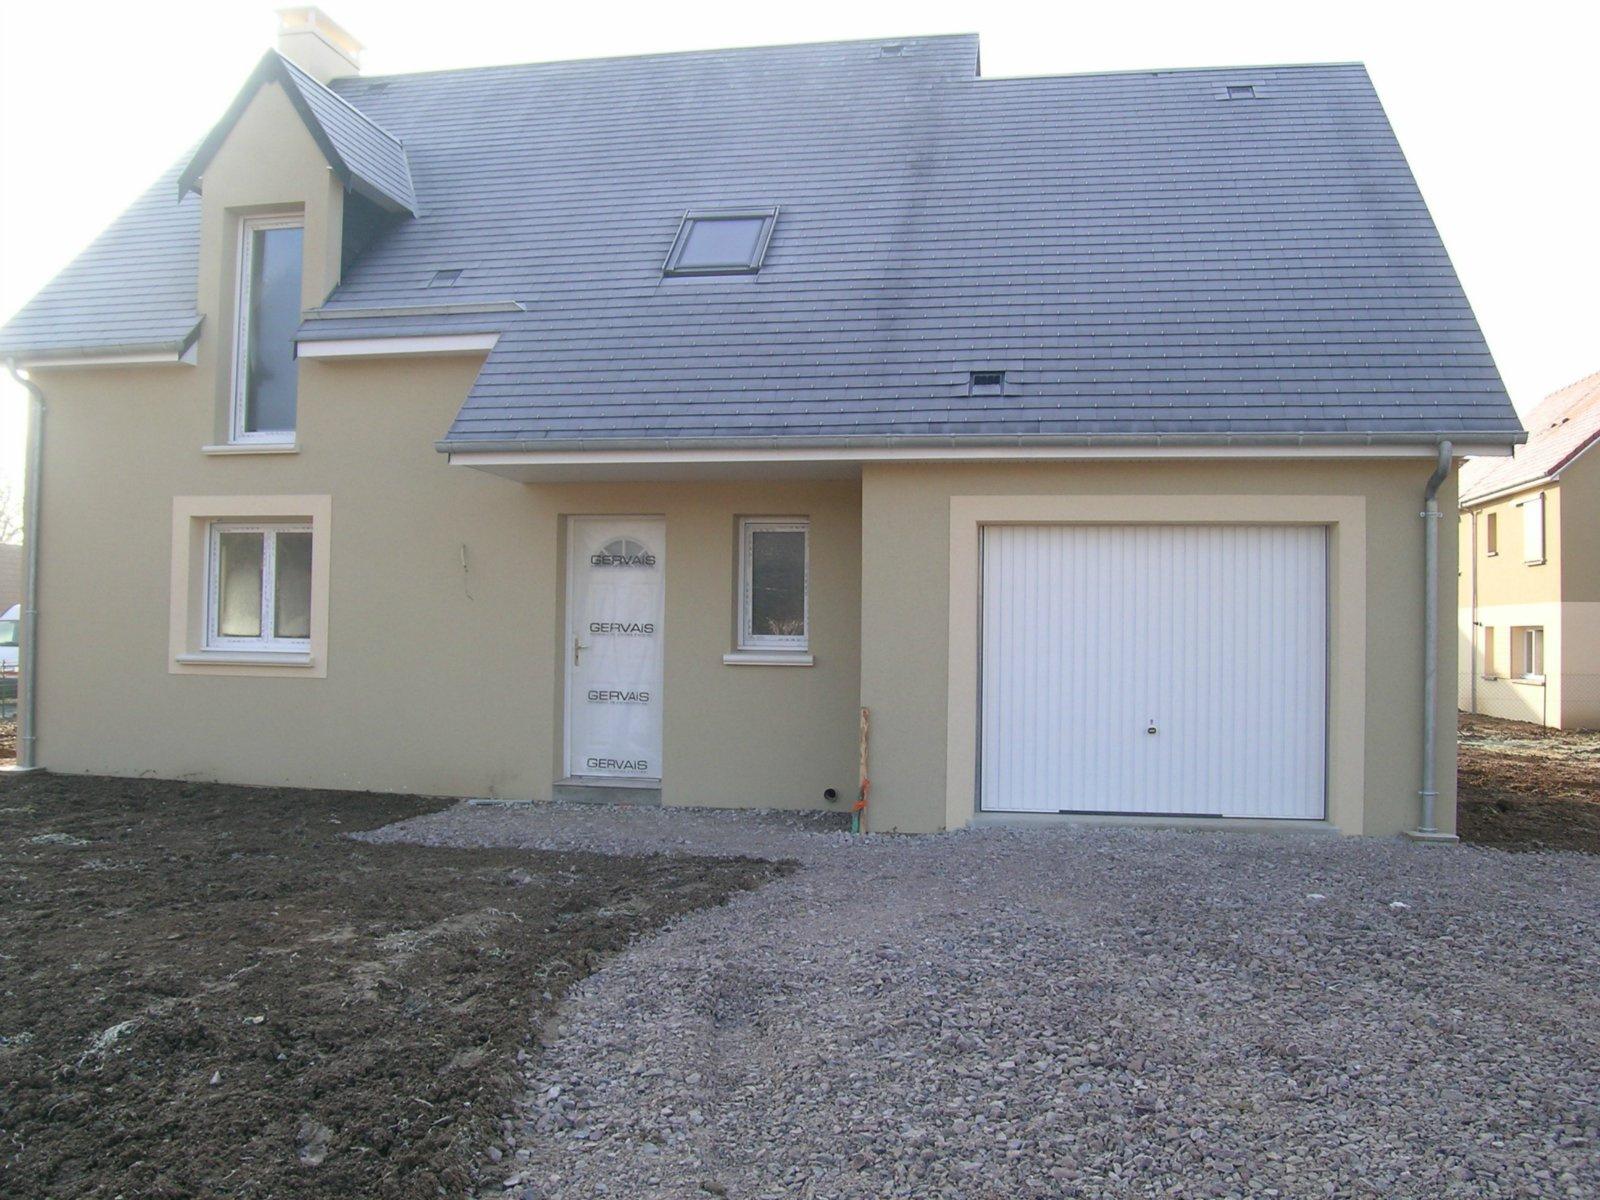 maison similaire